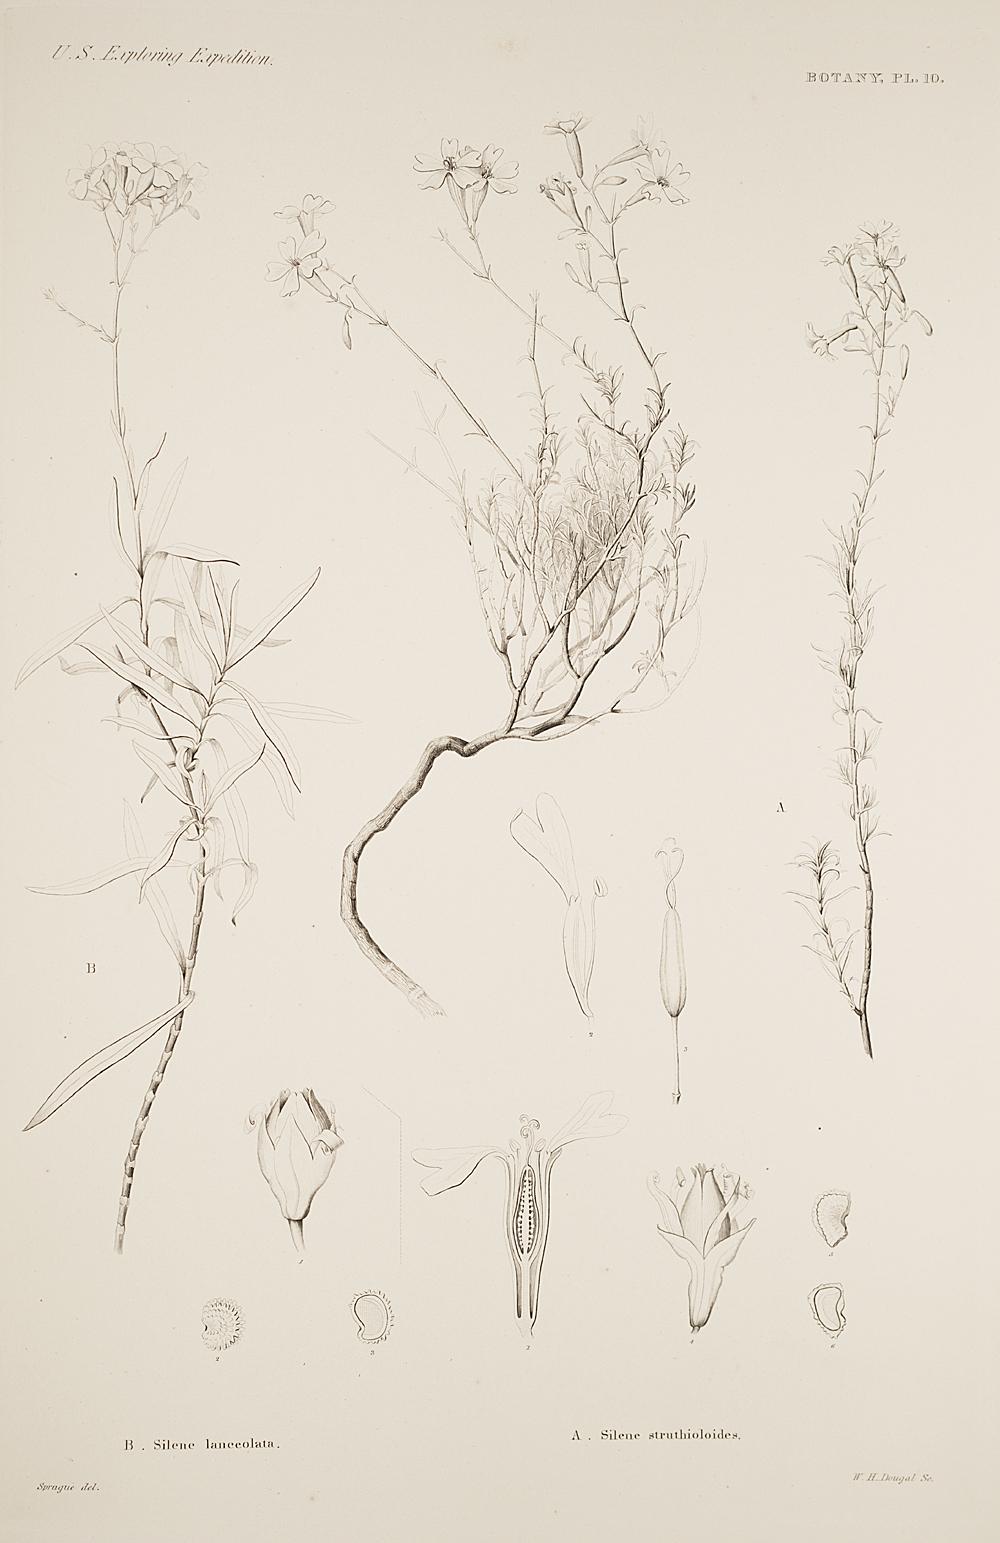 Botany, Pl. 10,  Image number:sil19-23-031b